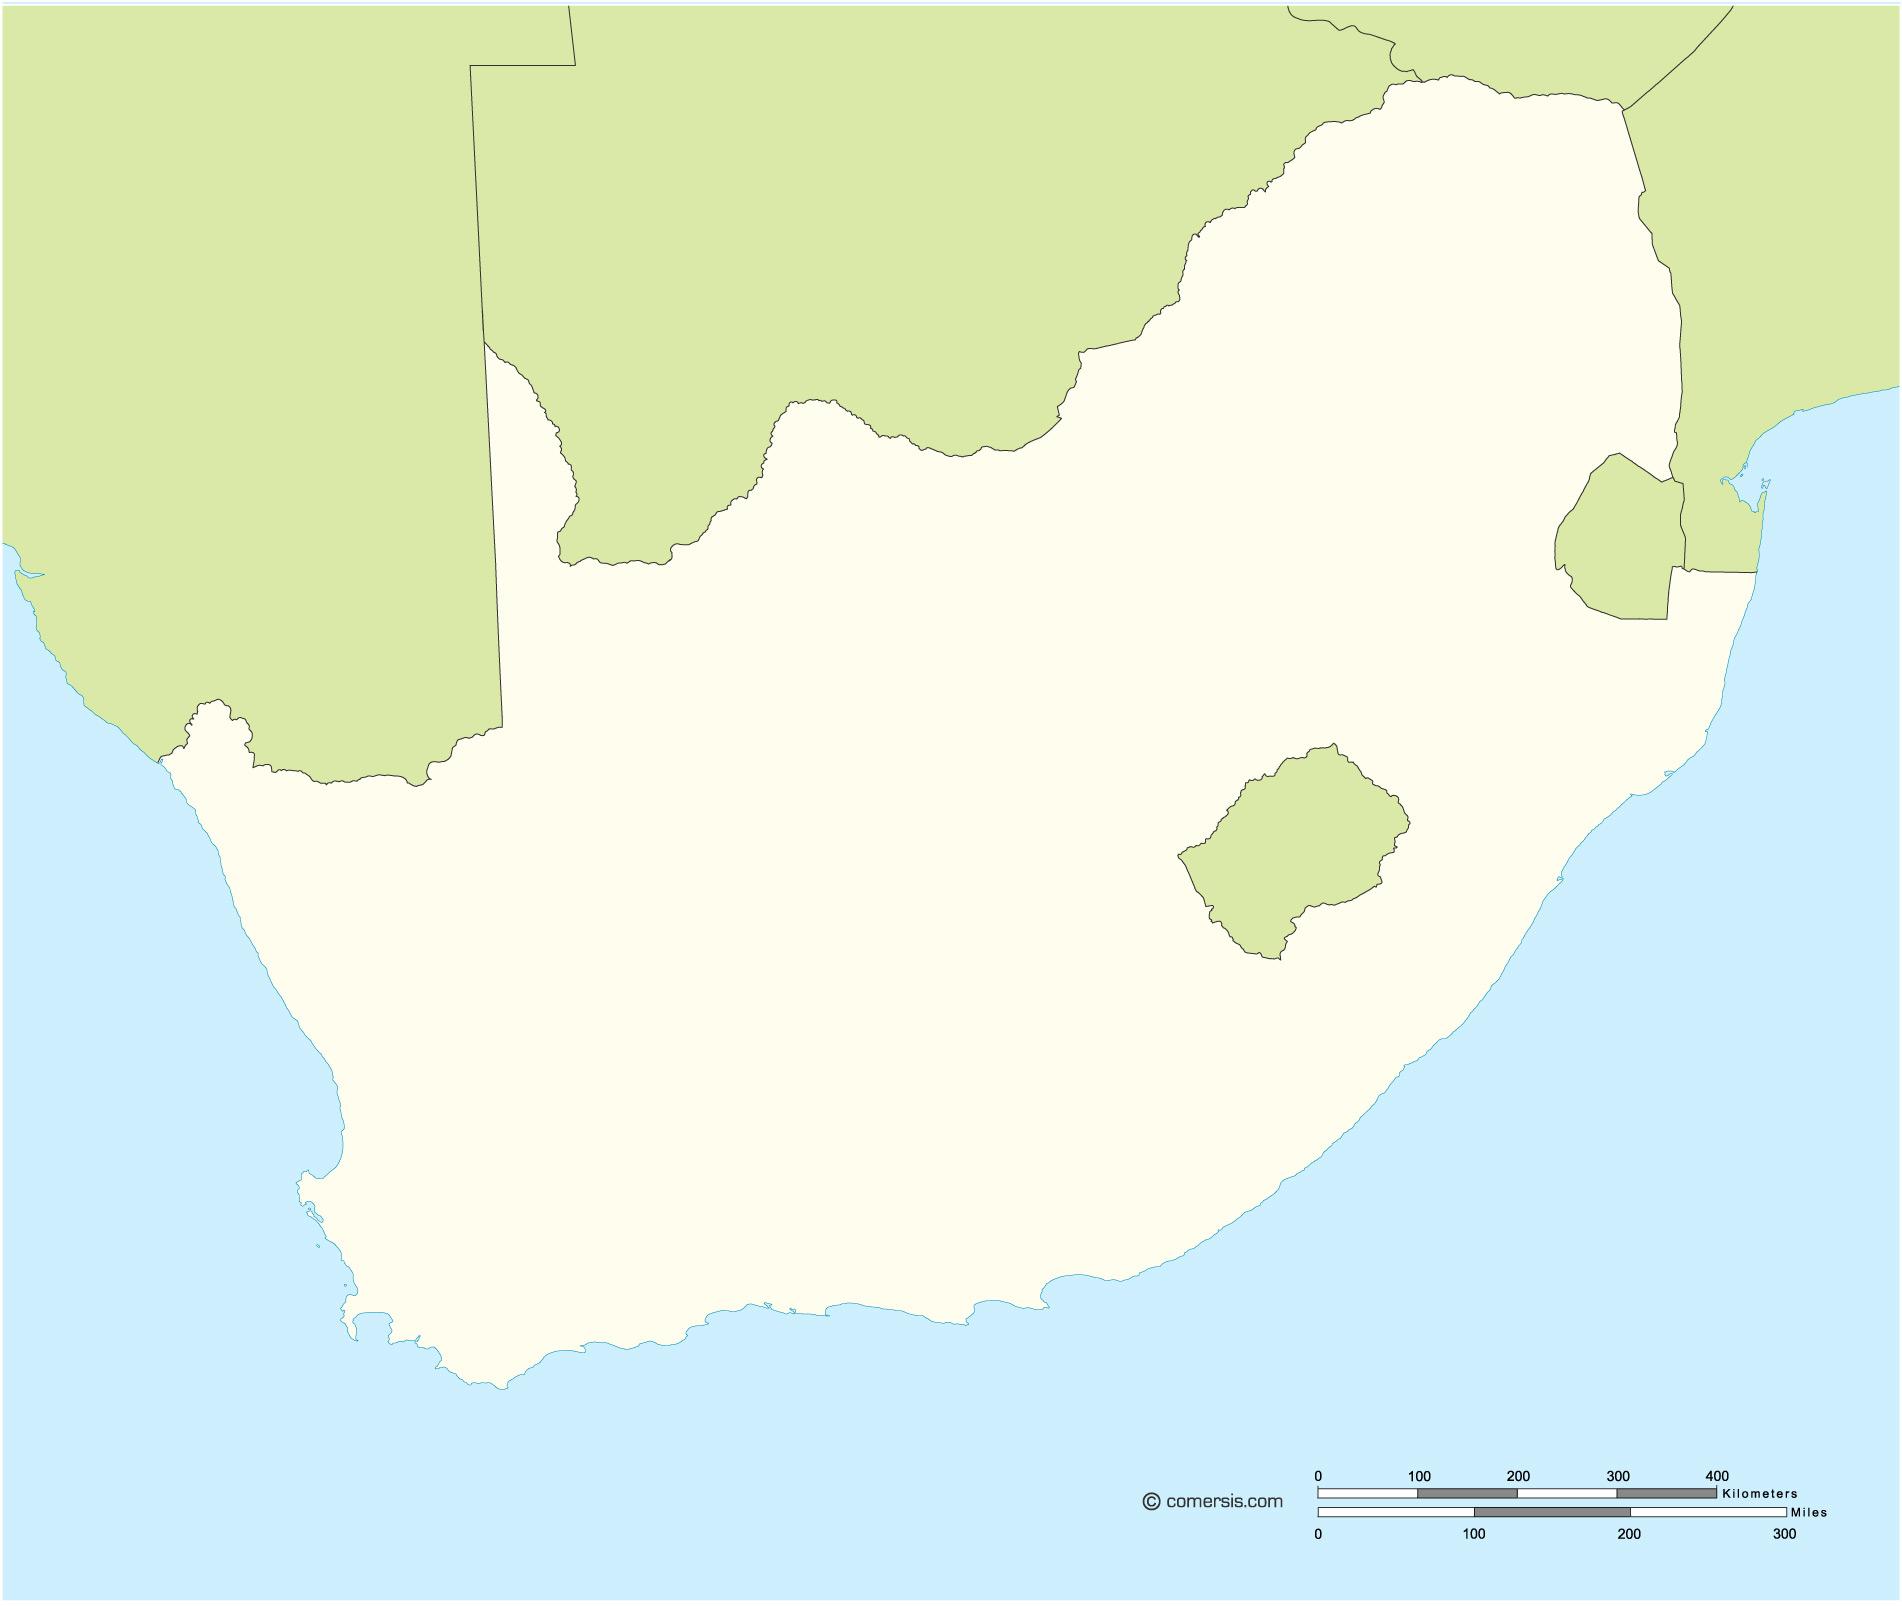 Fond de carte vectoriel gratuit de l' Afrique du Sud